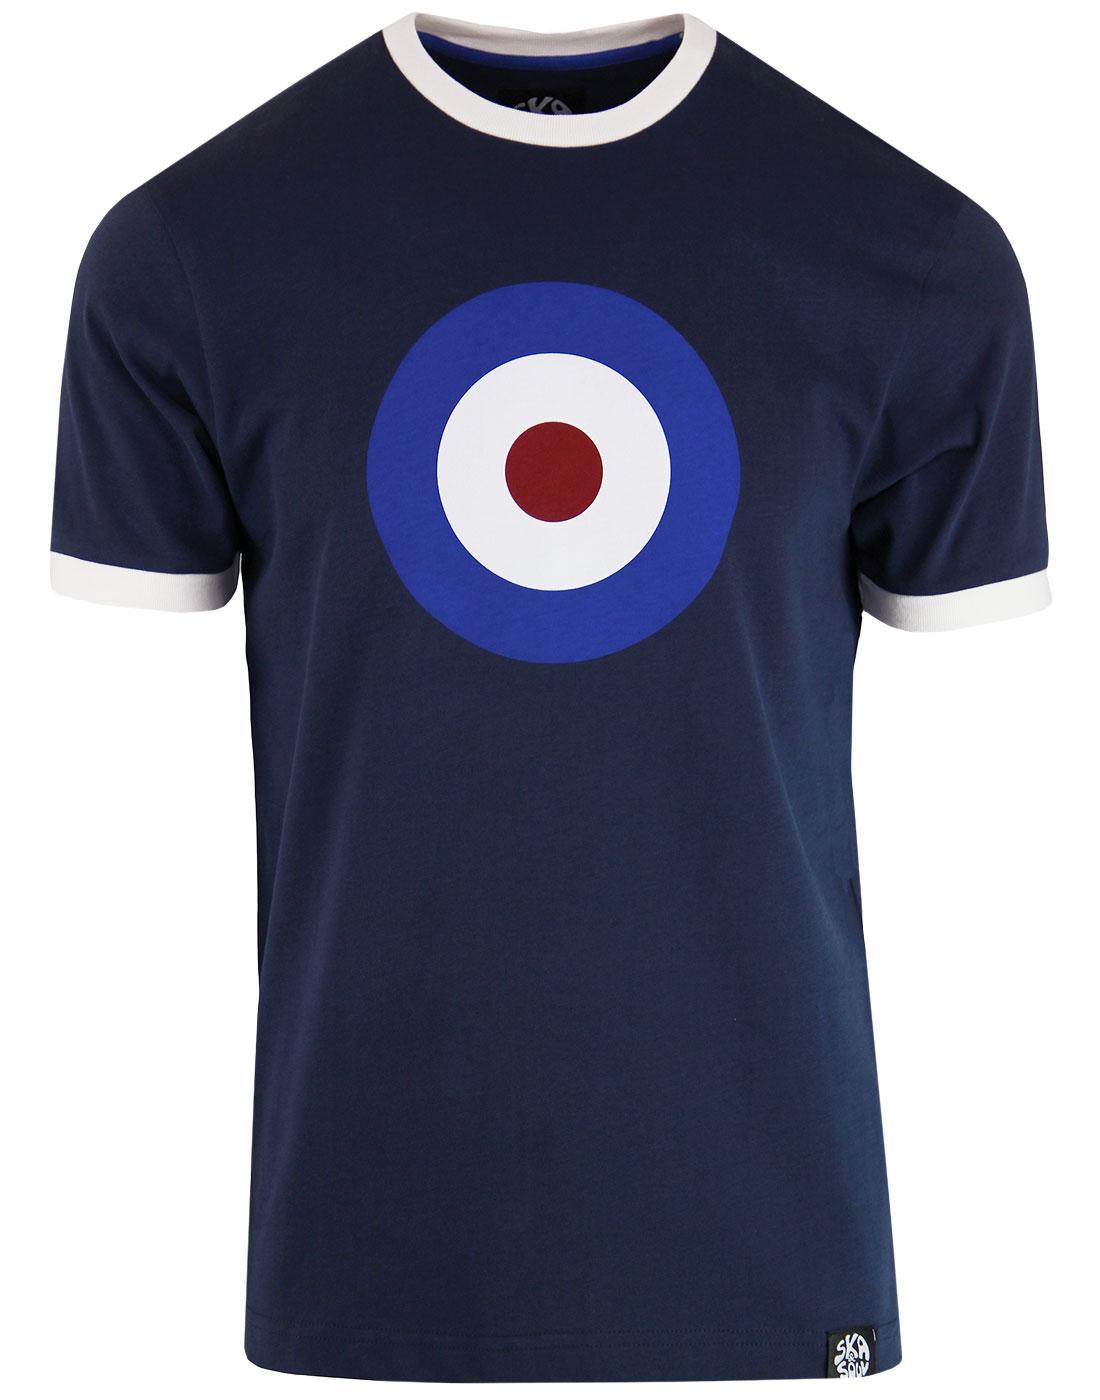 SKA & SOUL Men's 1960s Mod Target Ringer T-shirt N